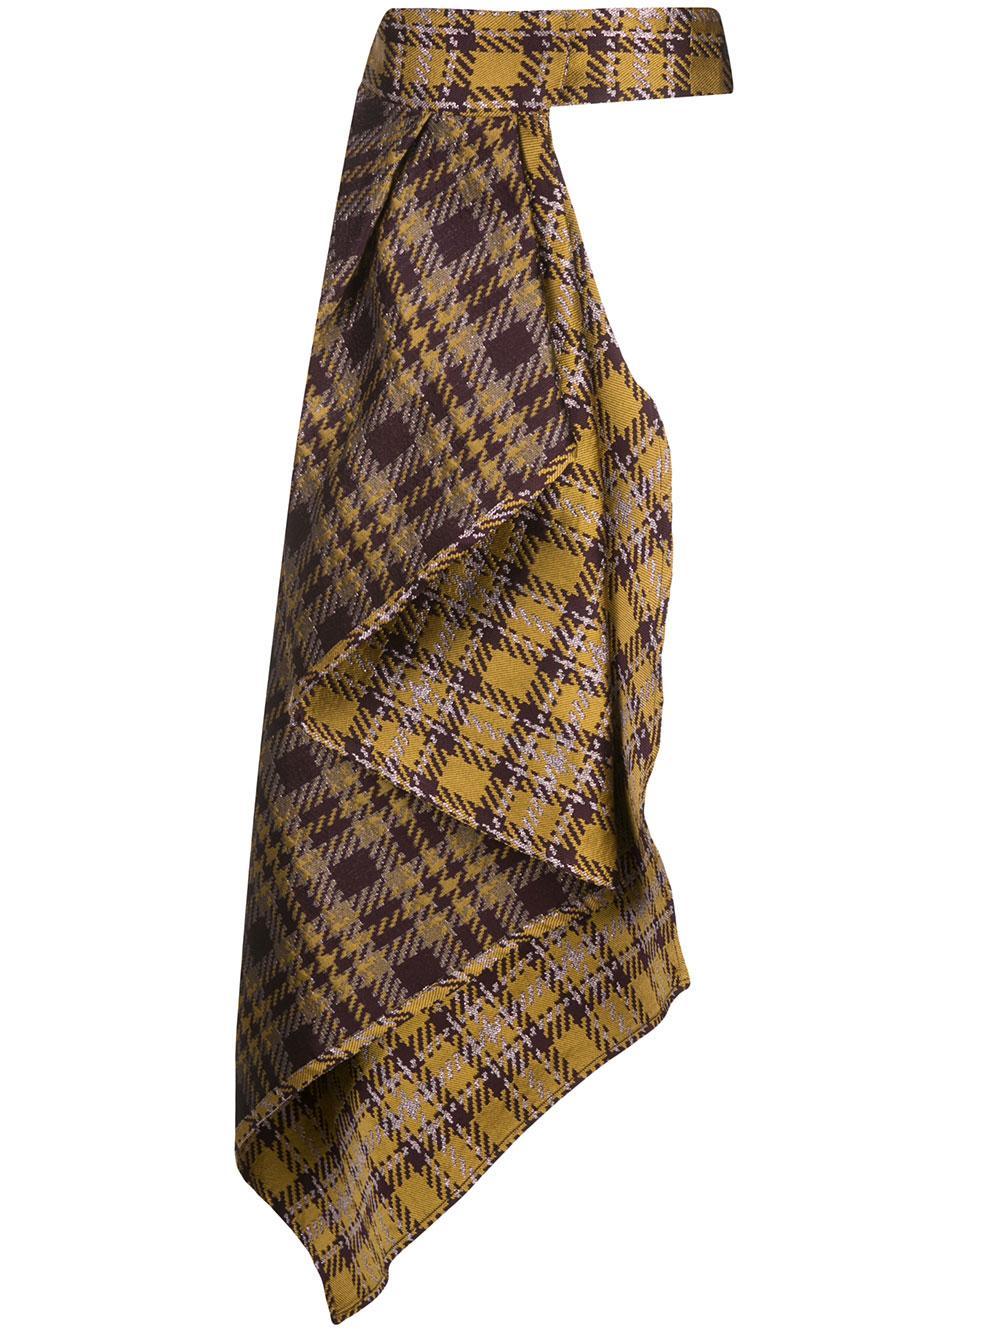 Plaid Belt Skirt Item # DORALBA-BELTSKIRT